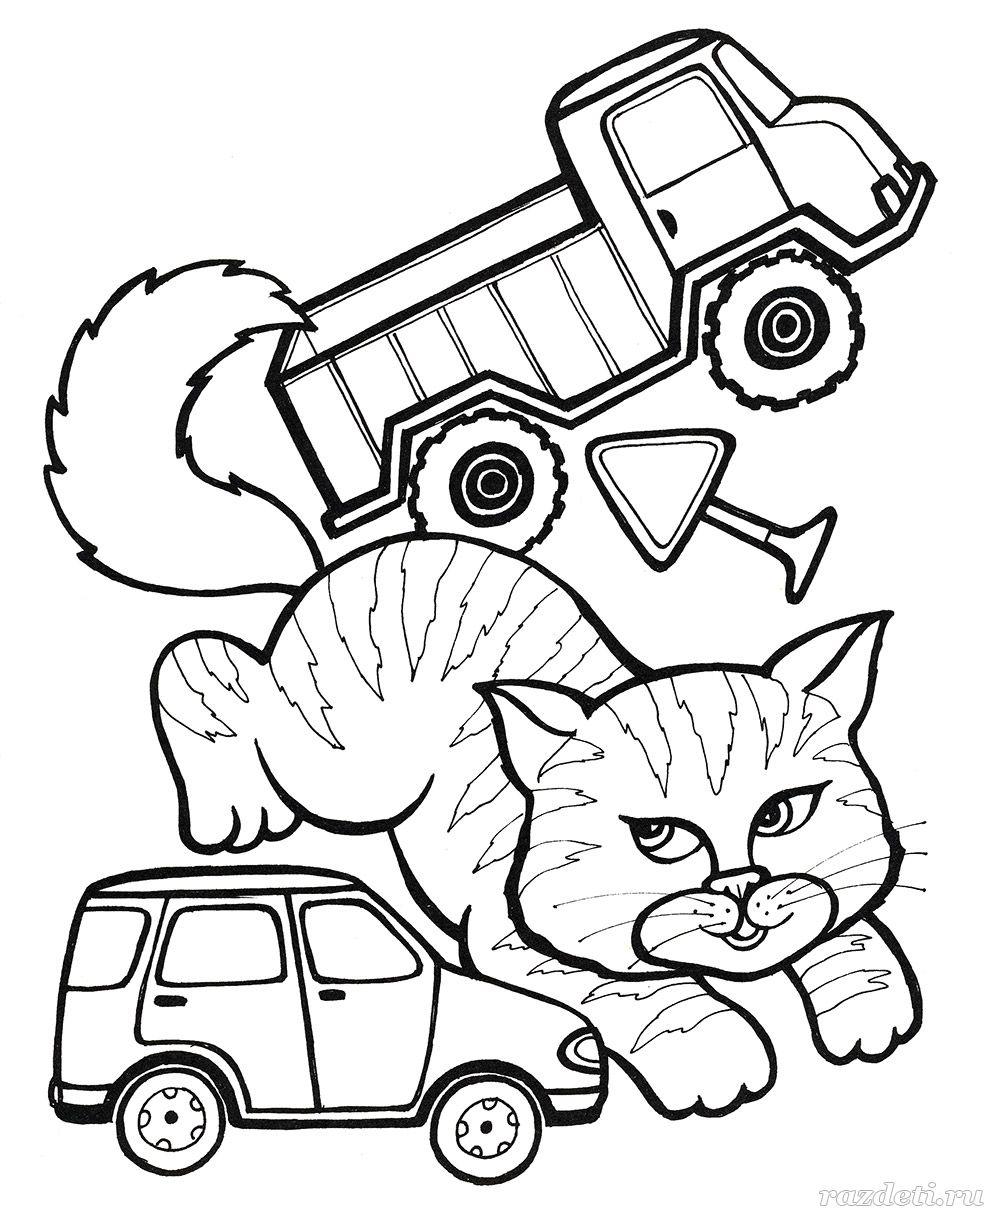 Раскраска для малышей 3-5 лет. Котёнок